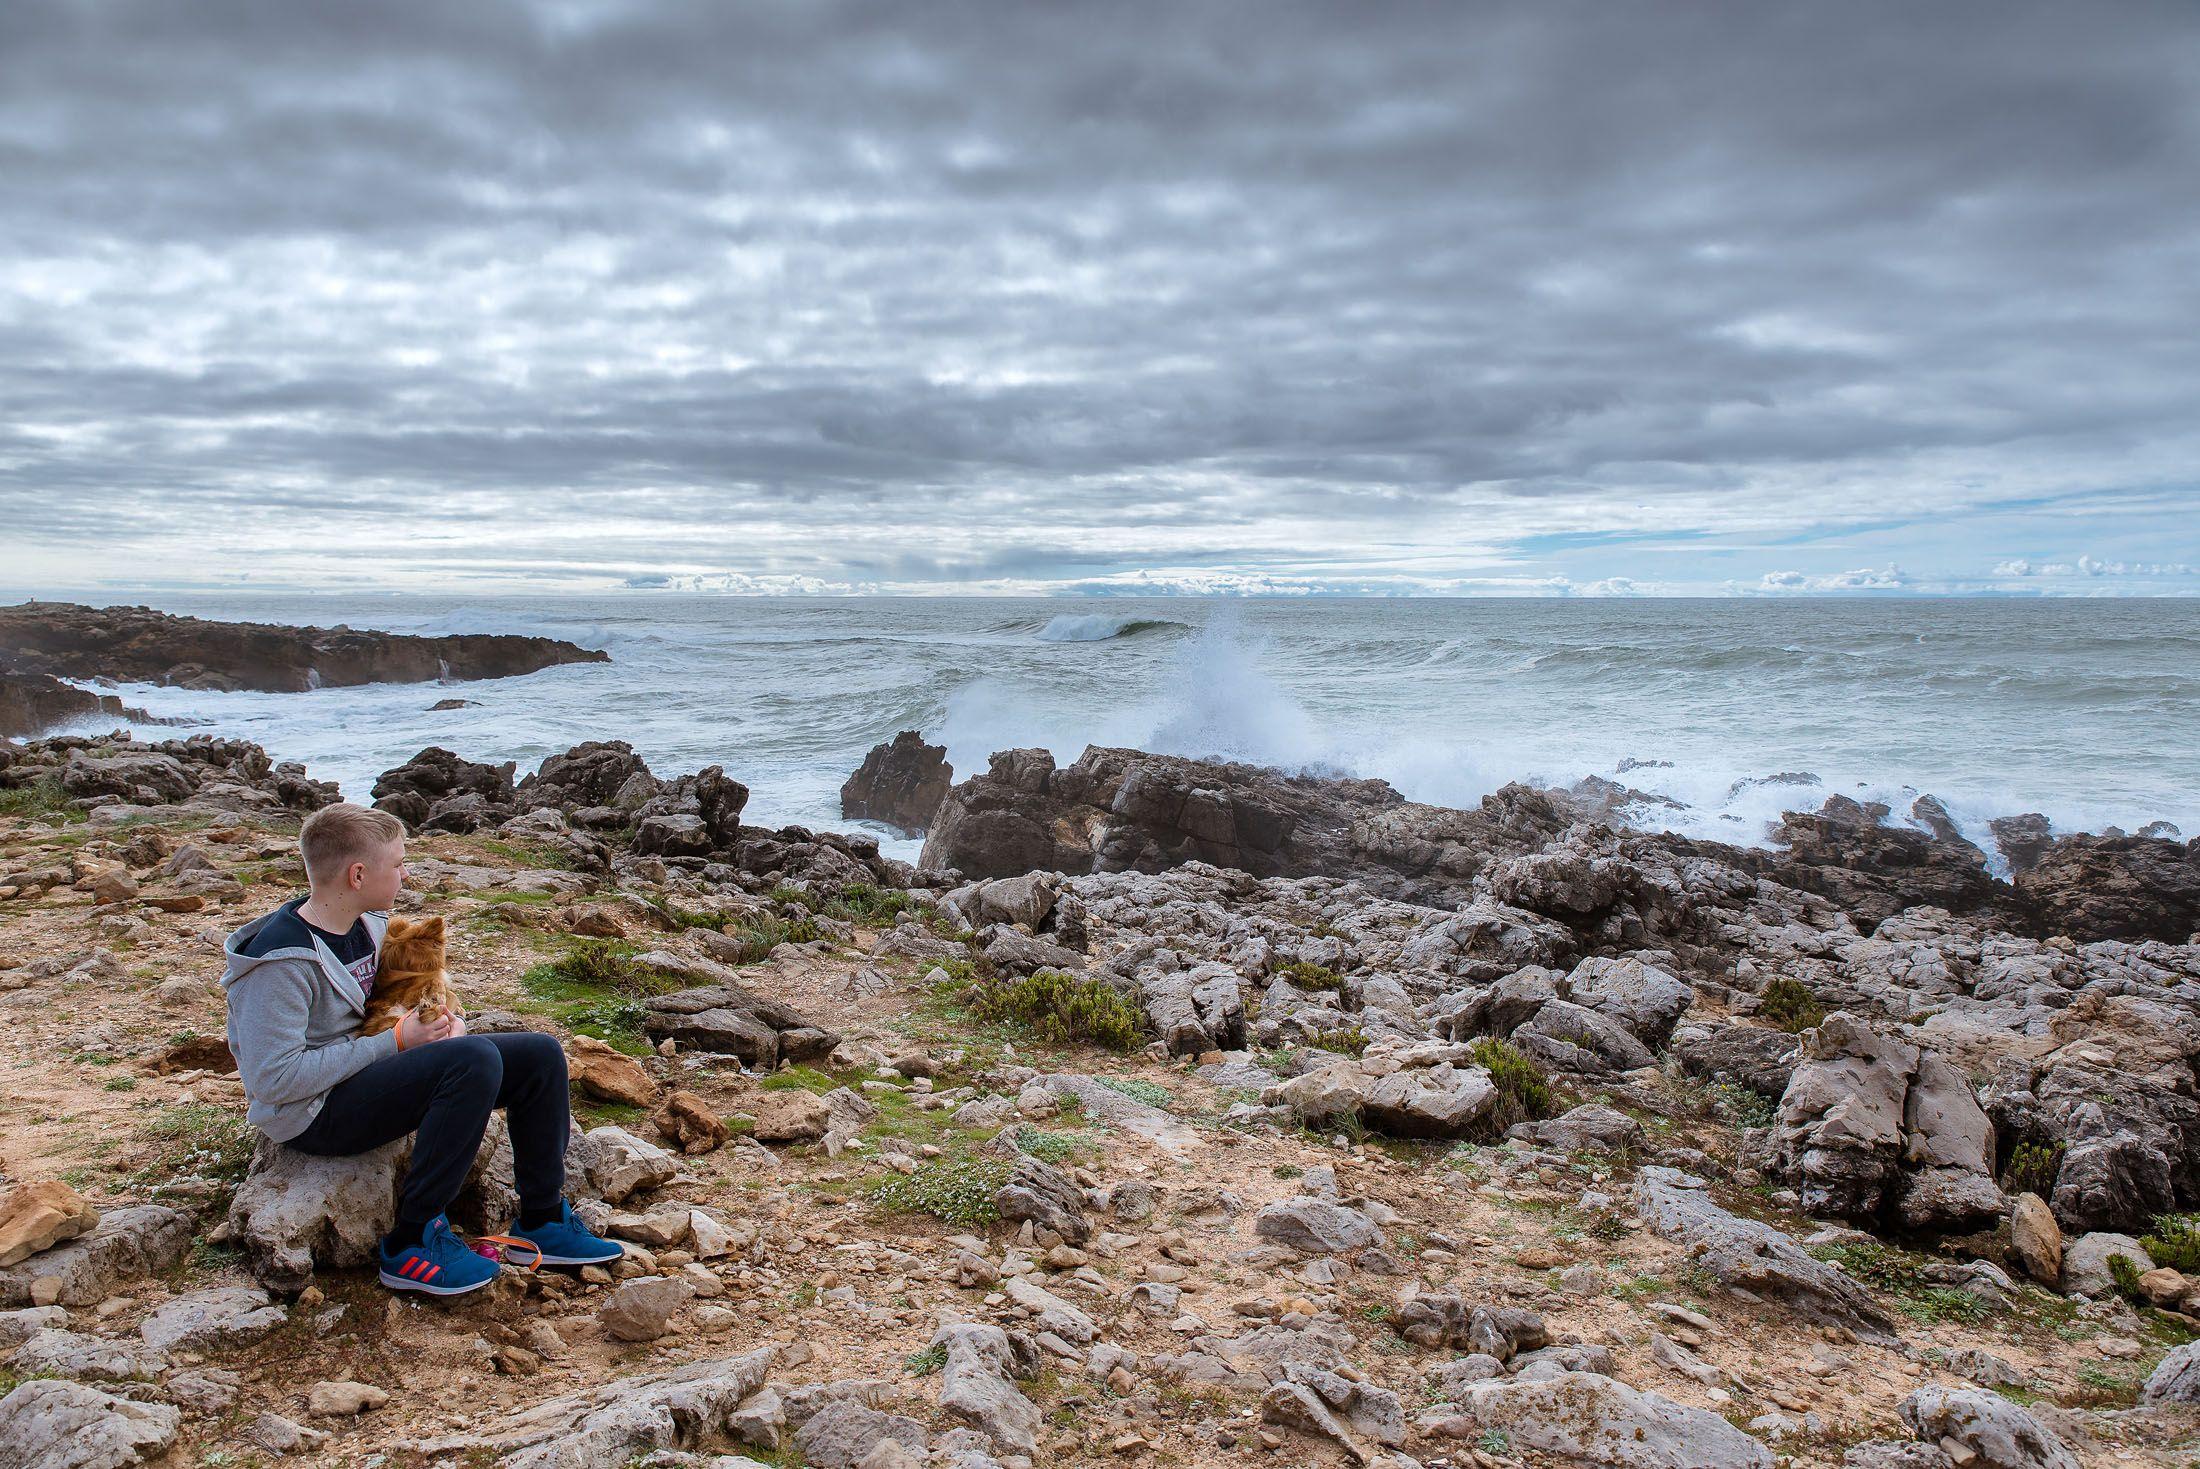 Atlantic Ocean. Portugal-007 Author: Basilio Dovgun